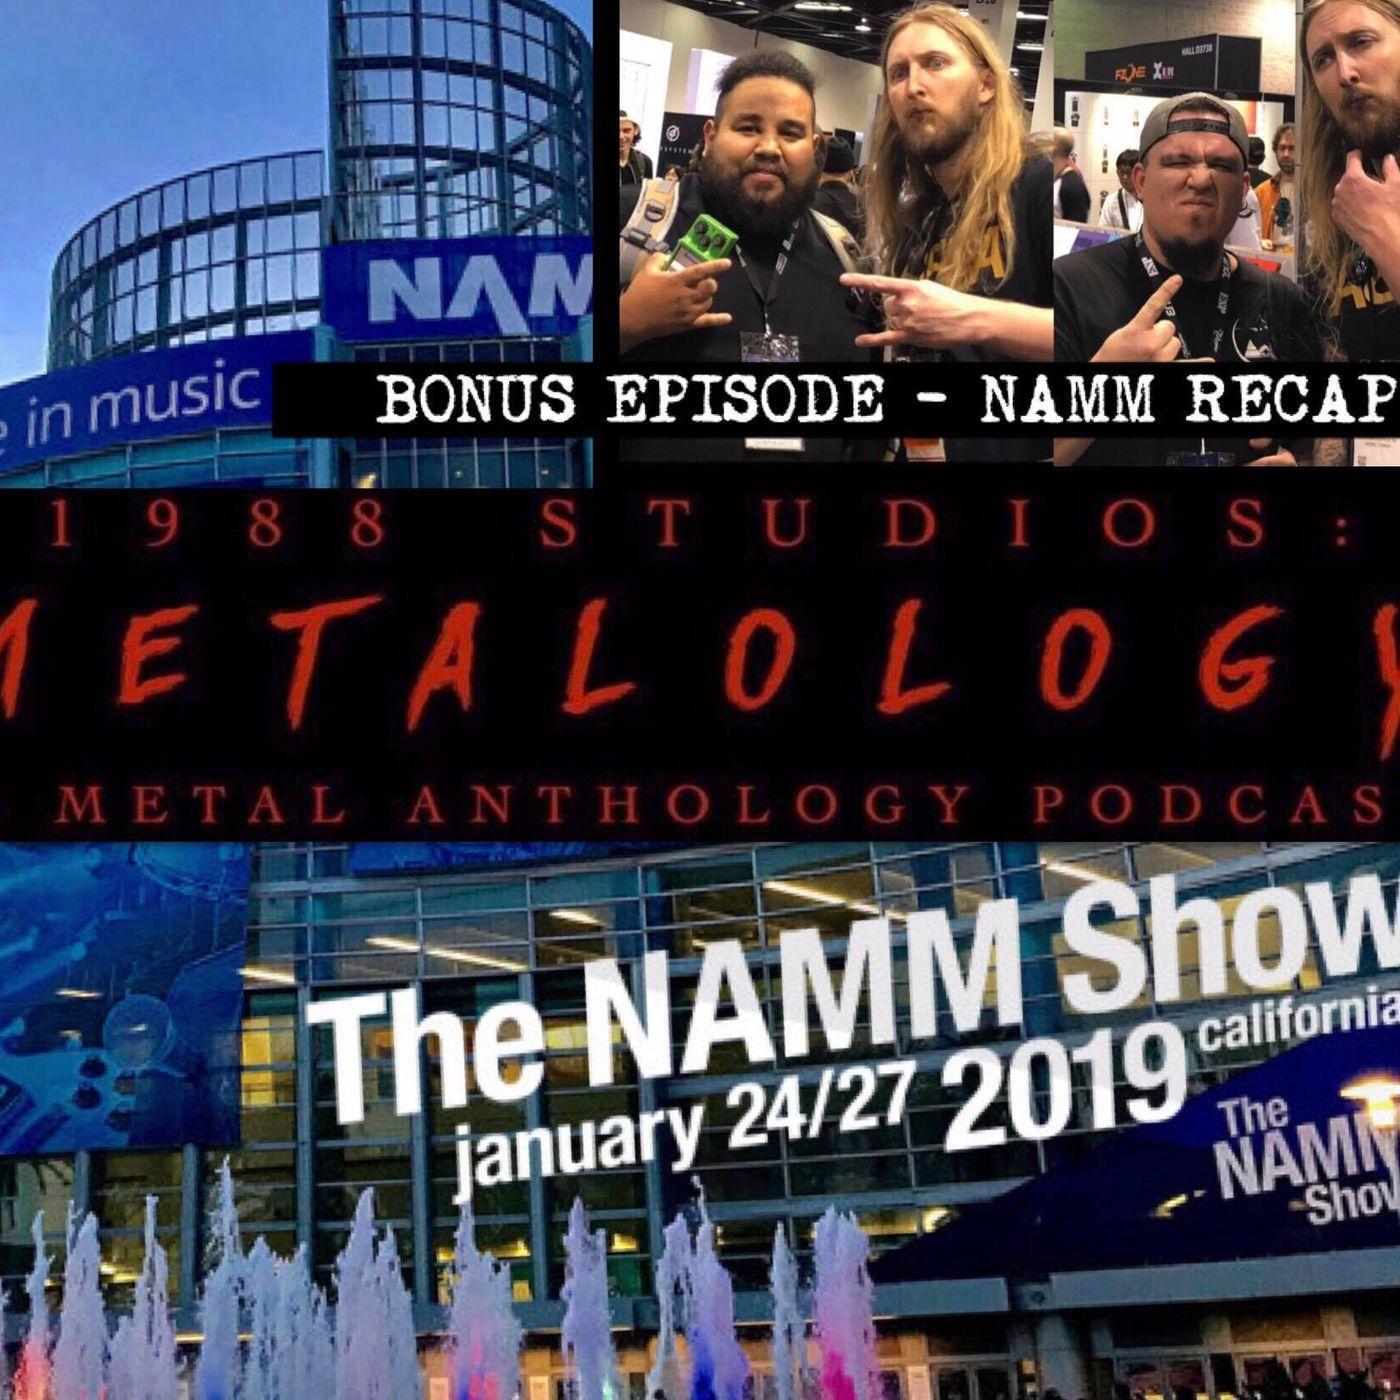 NAMM 2019 Recap [Bonus Episode]